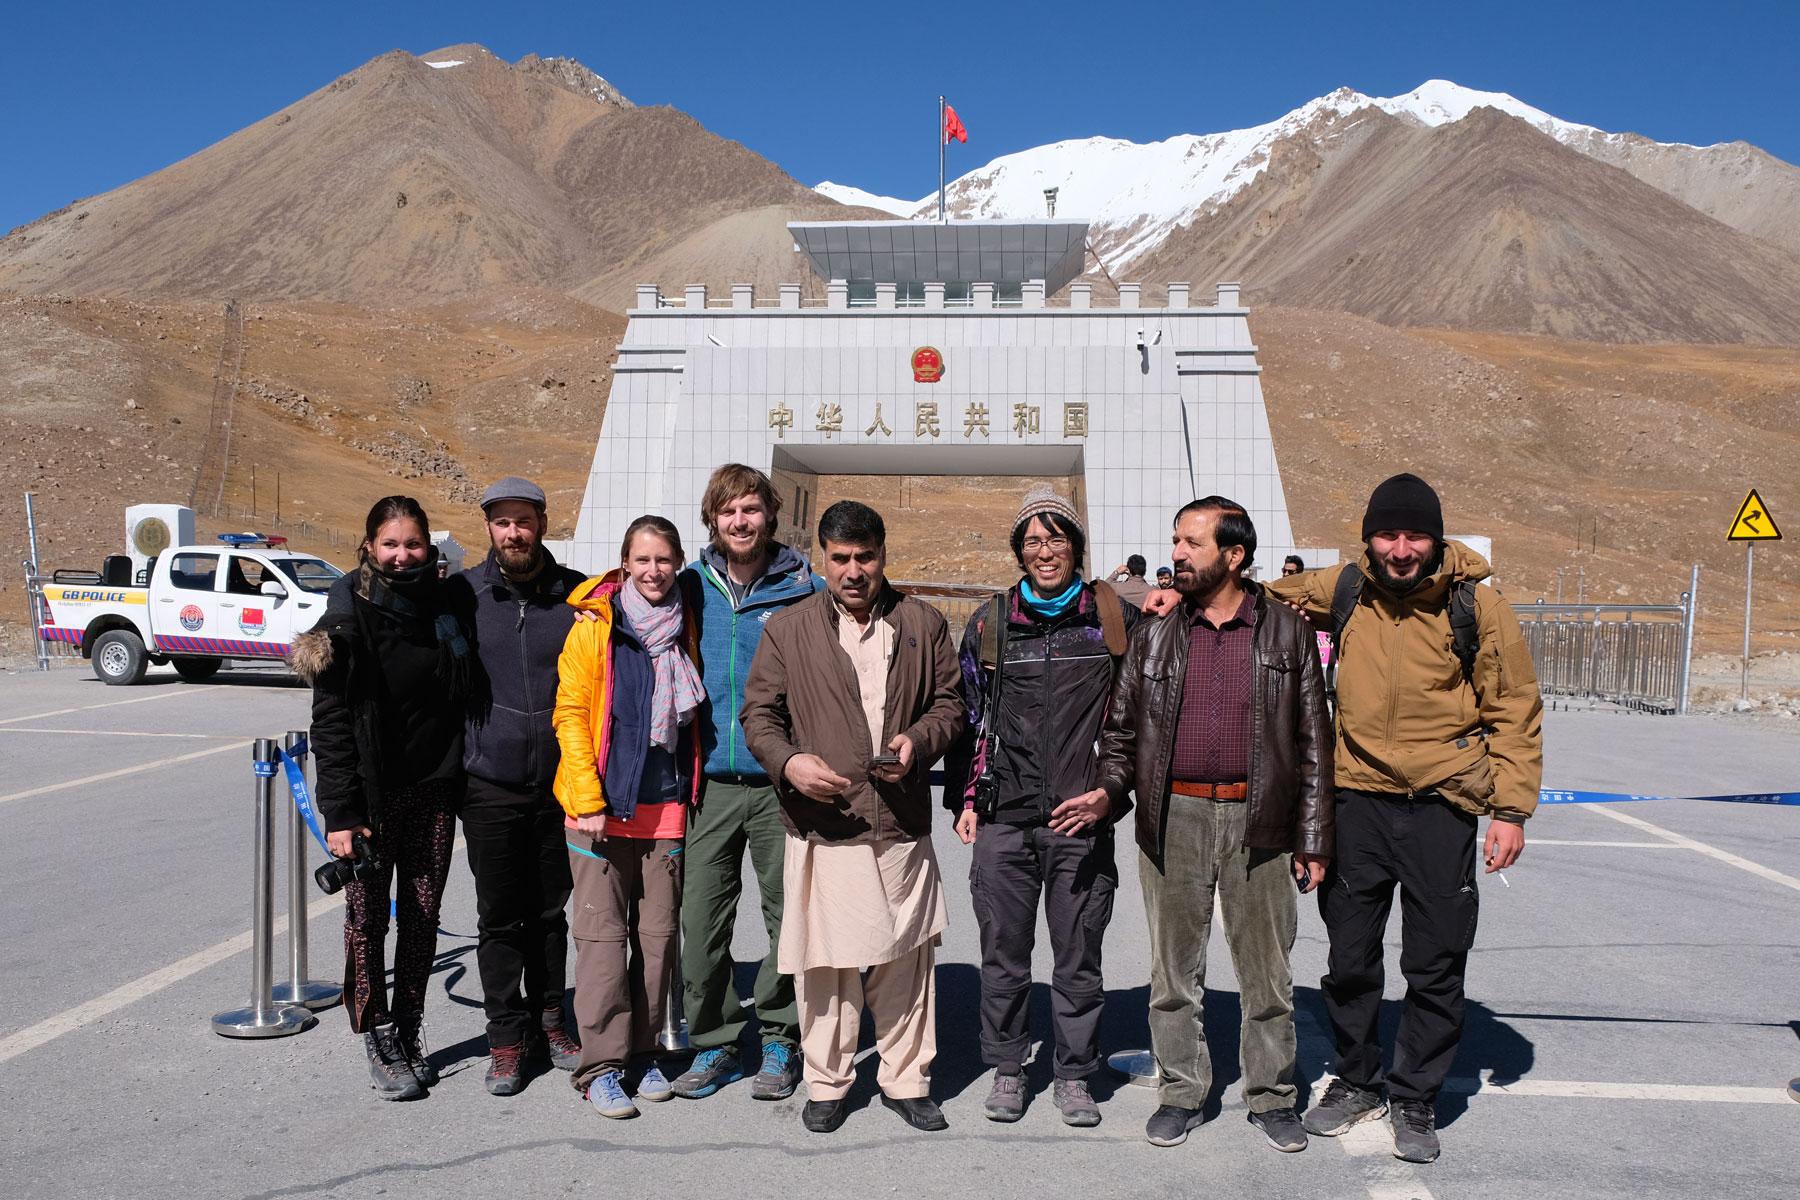 Angekommen in Pakistan! Ich hätte es morgens nicht für möglich gehalten, dass wir das an diesem 9. Oktober schaffen werden! Mit uns auf dem Bild sind Julia und Simon aus der Schweiz, Tomo aus Japan, Miro aus Polen und zwei nette Pakistaner, die auch gerne mit aufs Bild wollten :-)